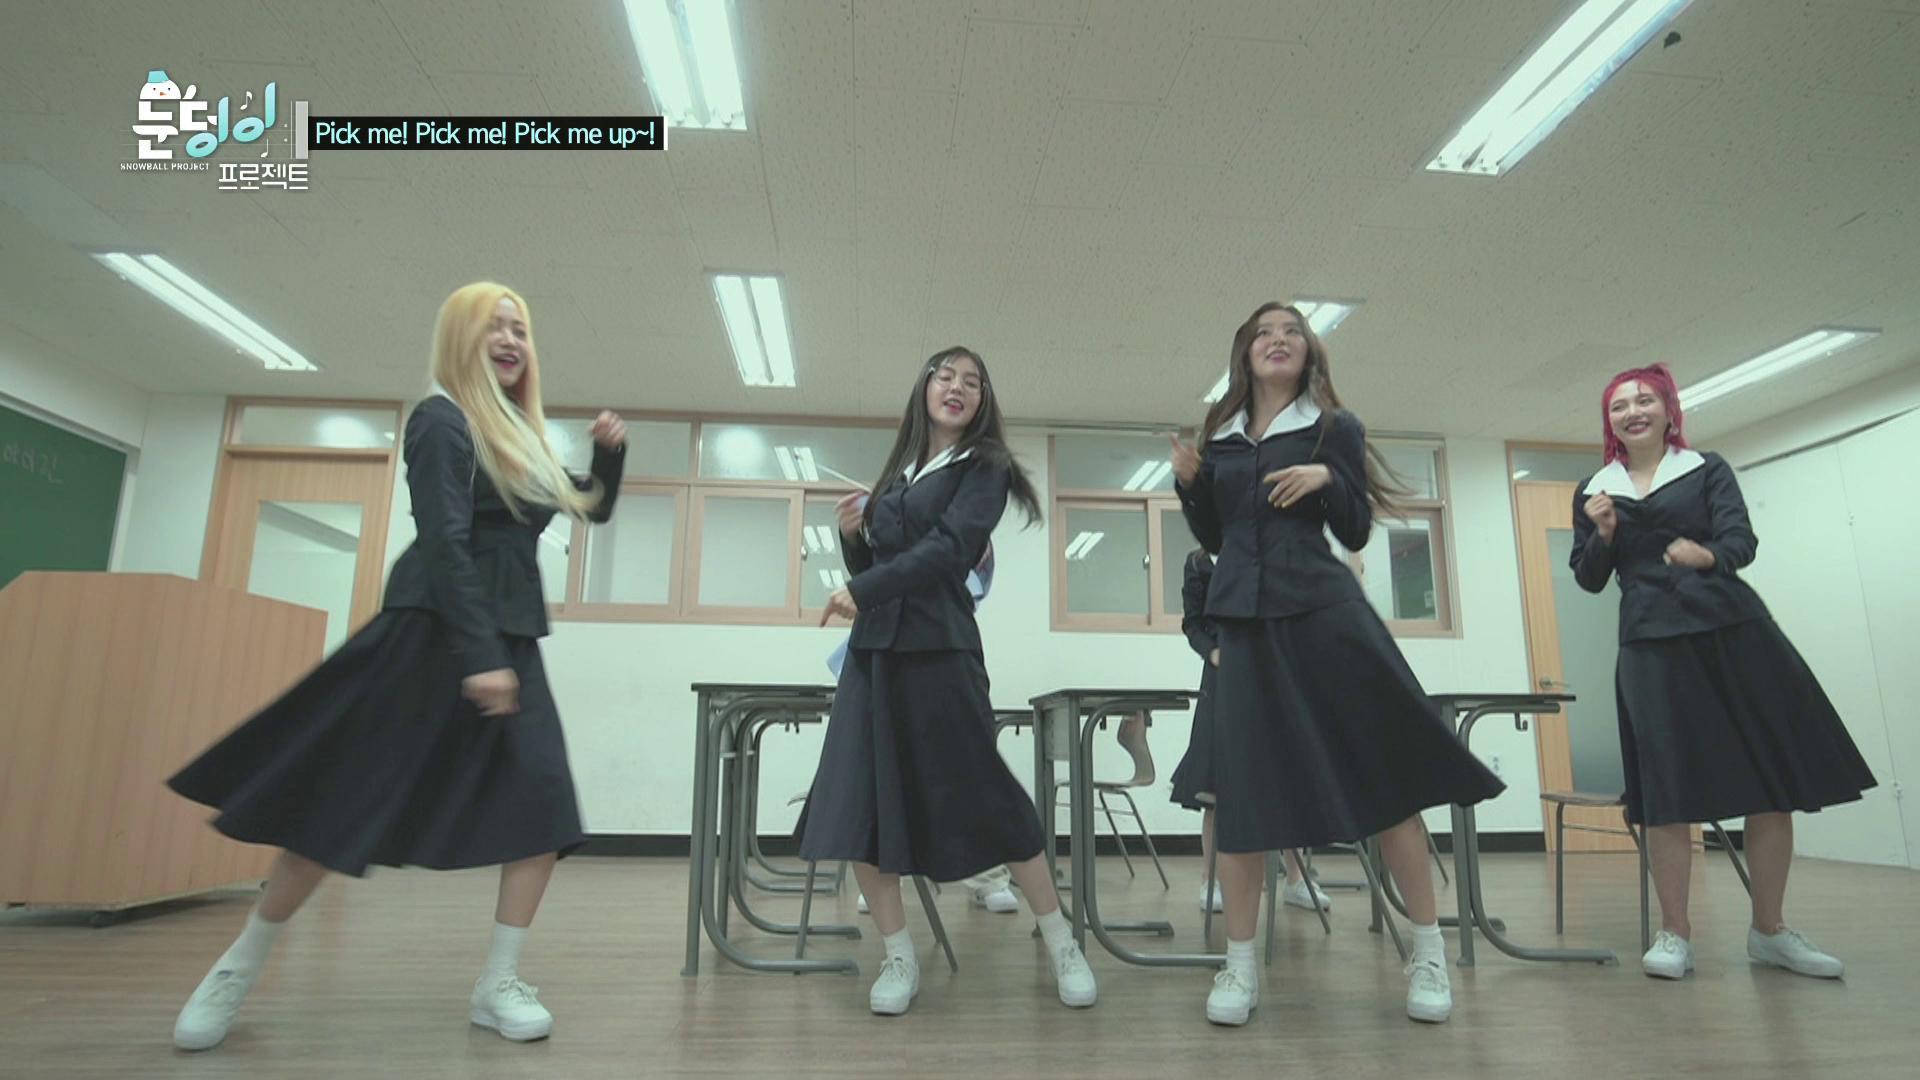 눈덩이 프로젝트 EP.43 - Pick me! Pick me! Pick me up~!